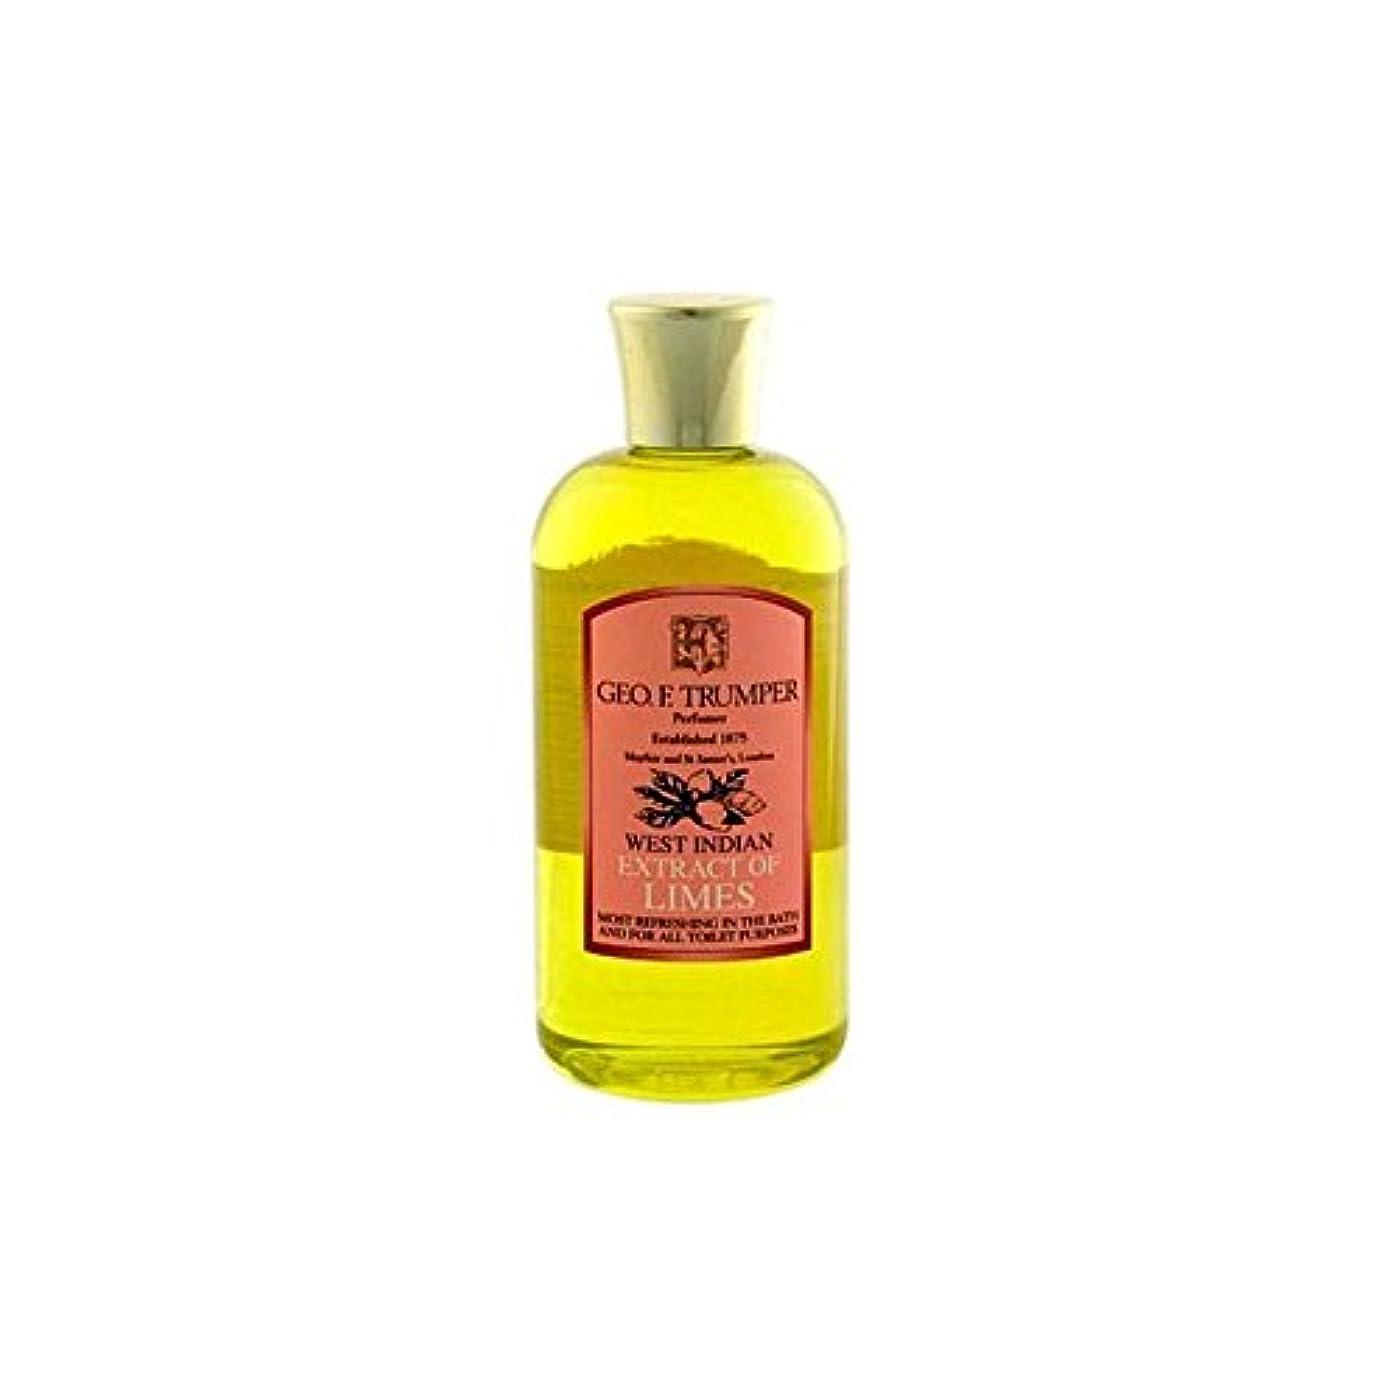 前提条件哲学博士桁ライムのバスタブとシャワージェル200の抽出物を x2 - Trumpers Extracts of Limes Bath and Shower Gel 200ml (Pack of 2) [並行輸入品]